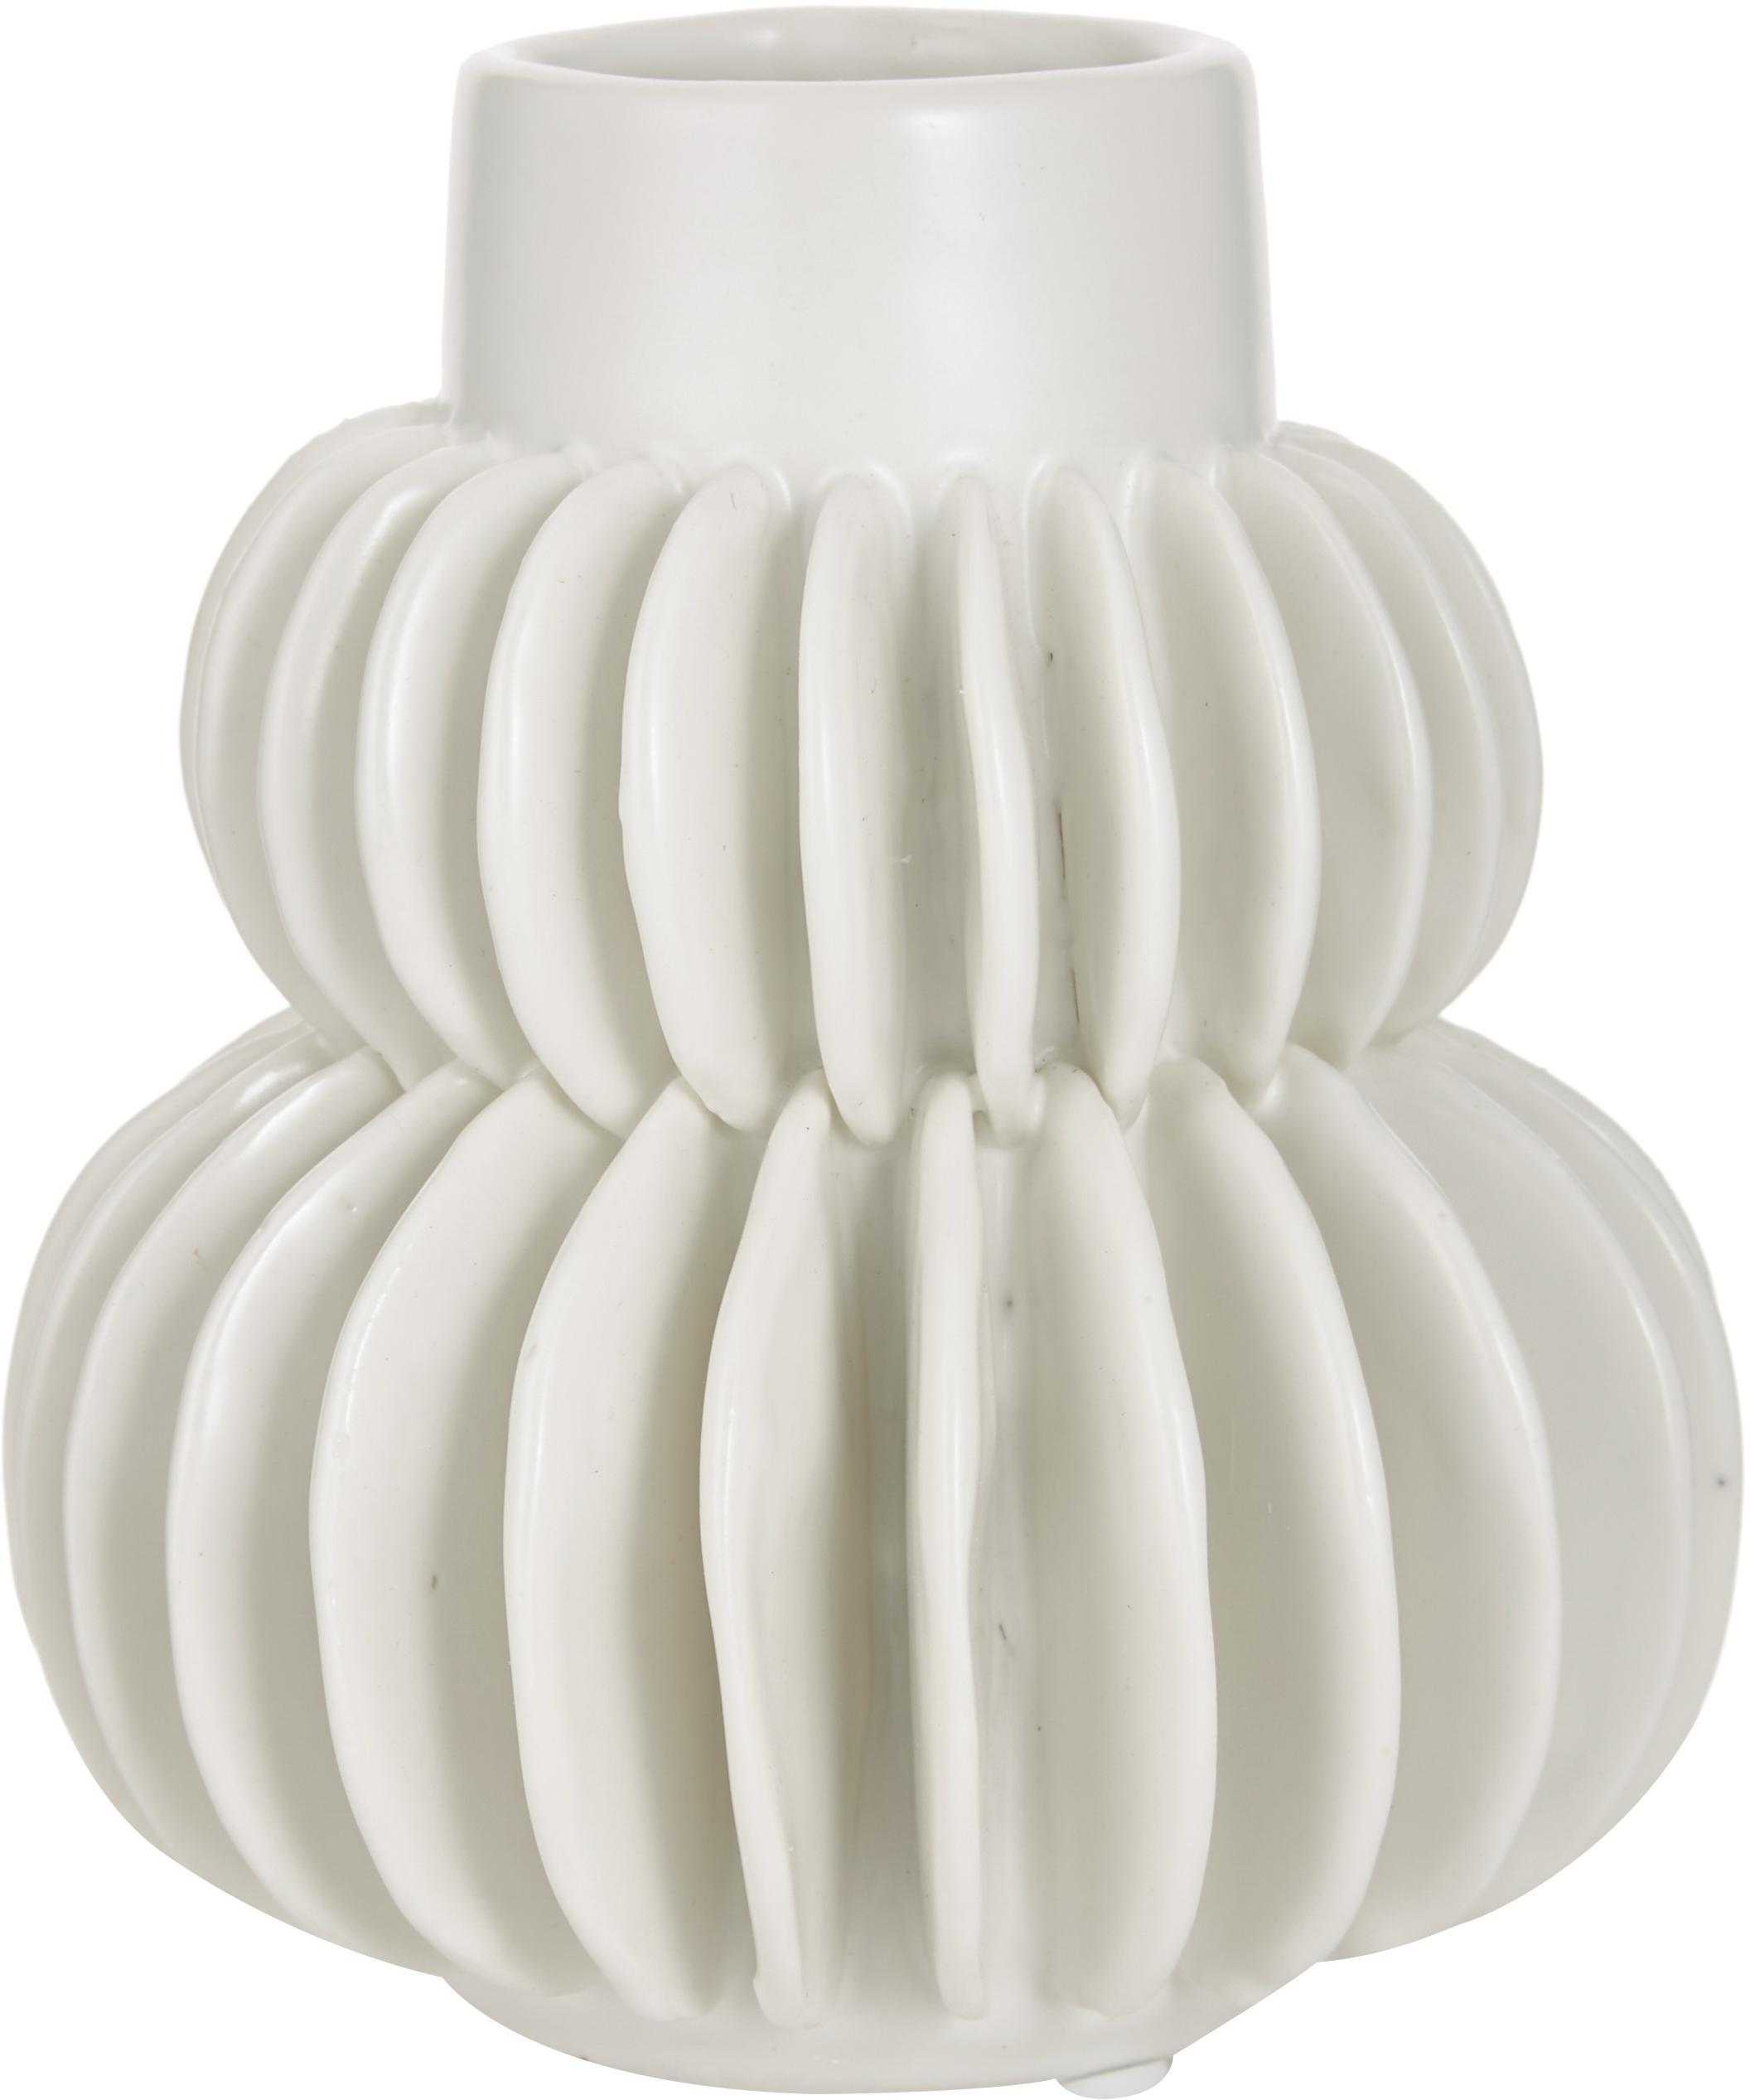 Kleine Vase Bela aus Steingut, Steingut, Weiß, Ø 12 x H 14 cm